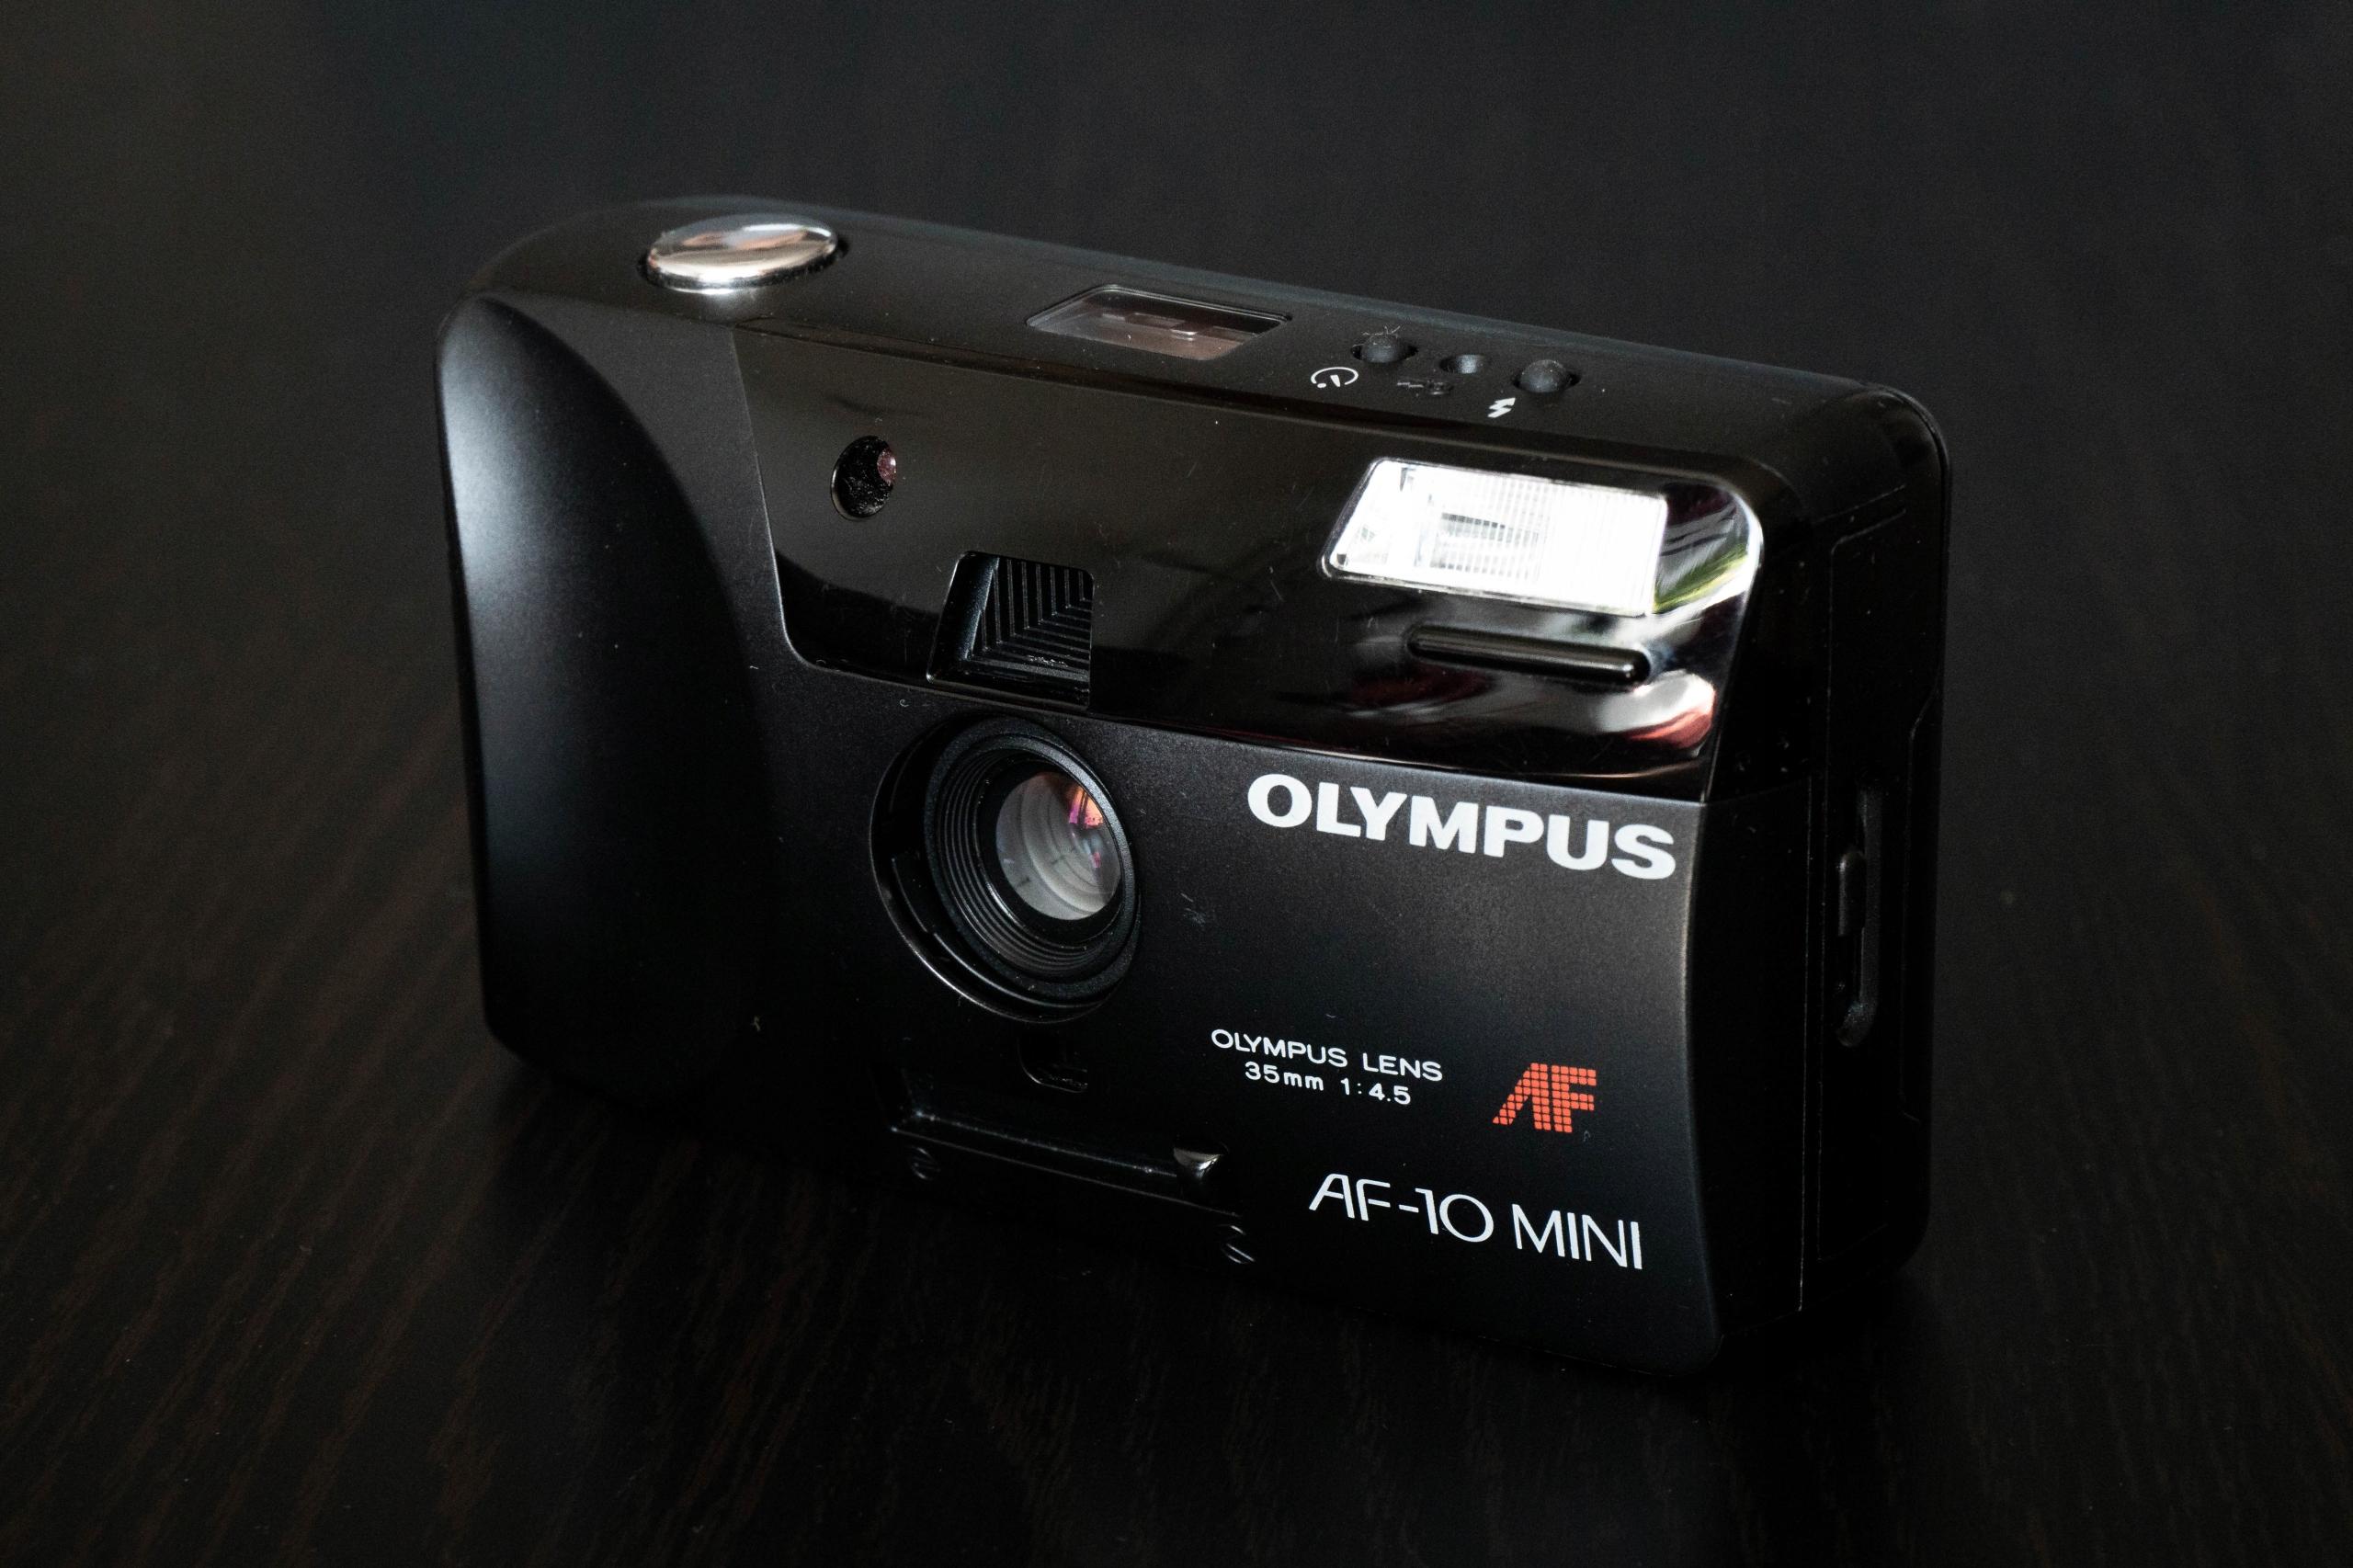 IDEALNY Olympus AF-10 MINI 35mm f4.5